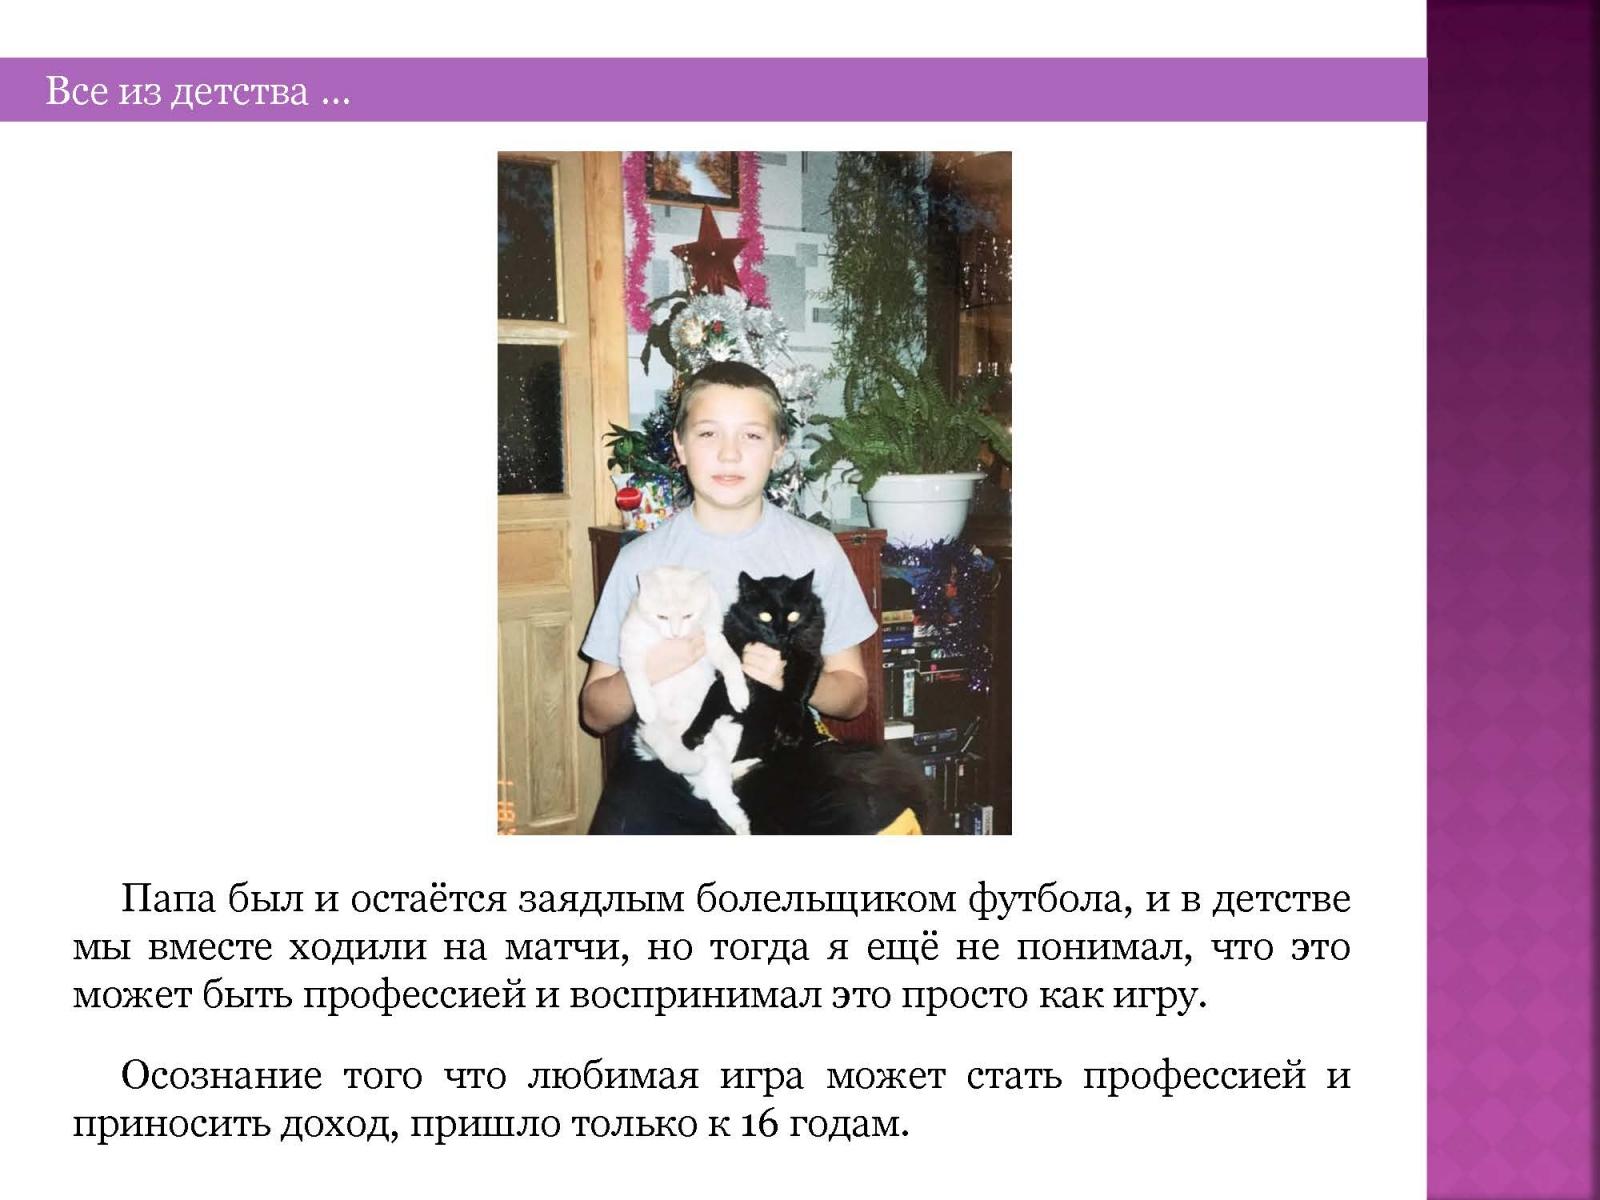 1_Aleksej-Nikitin_Stranica_04